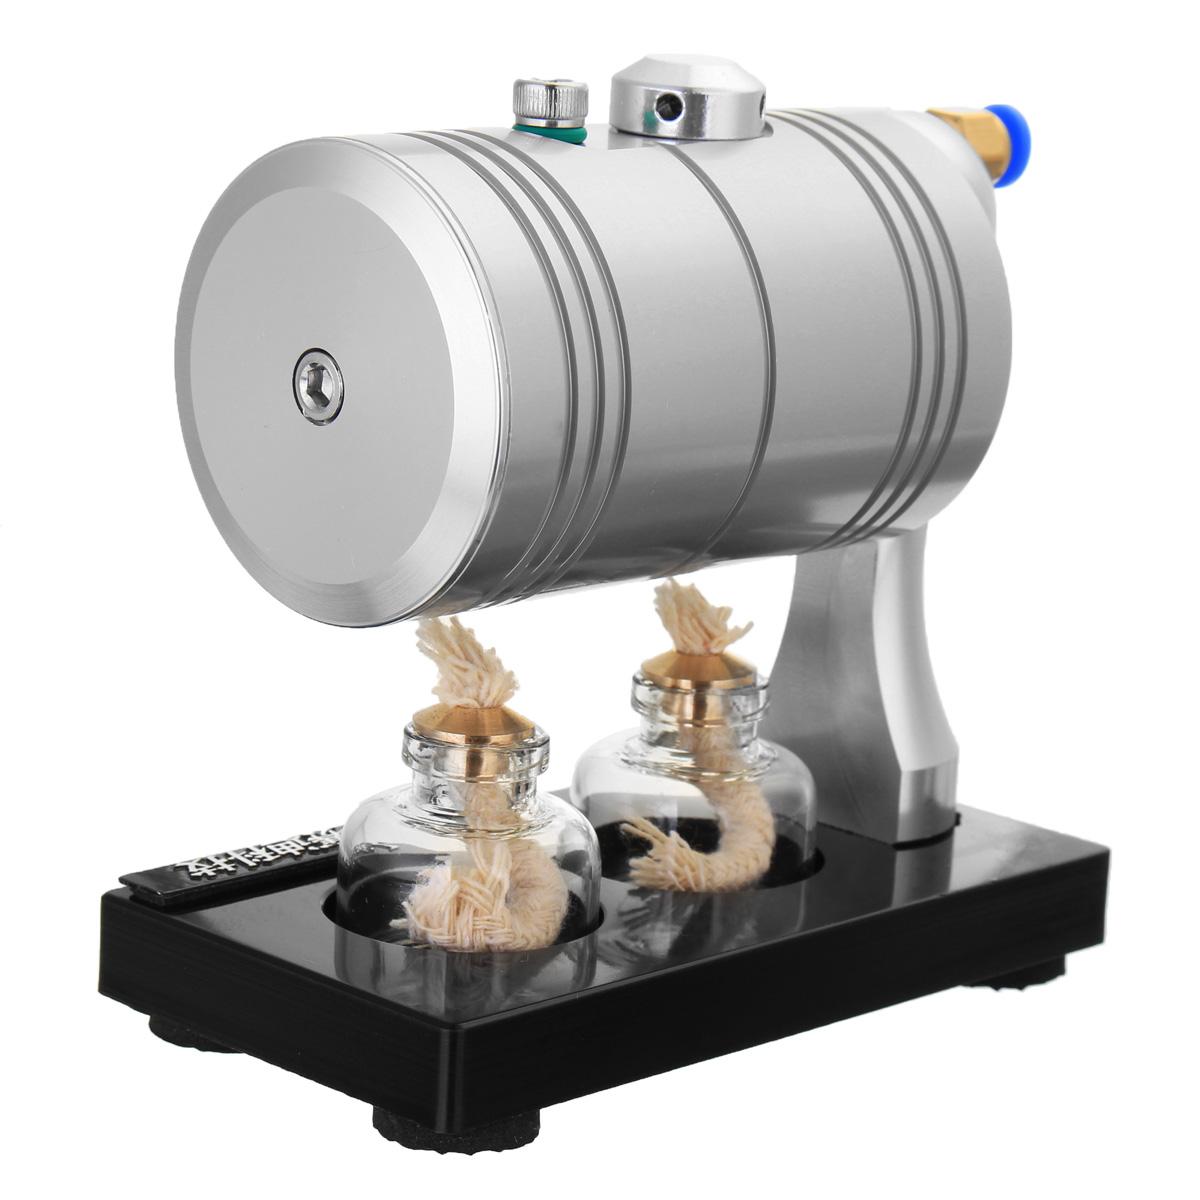 Горячий воздух Стирлинг Двигатель Парогенератор Steam Двигатель Мотор Модель Обучающая игрушка